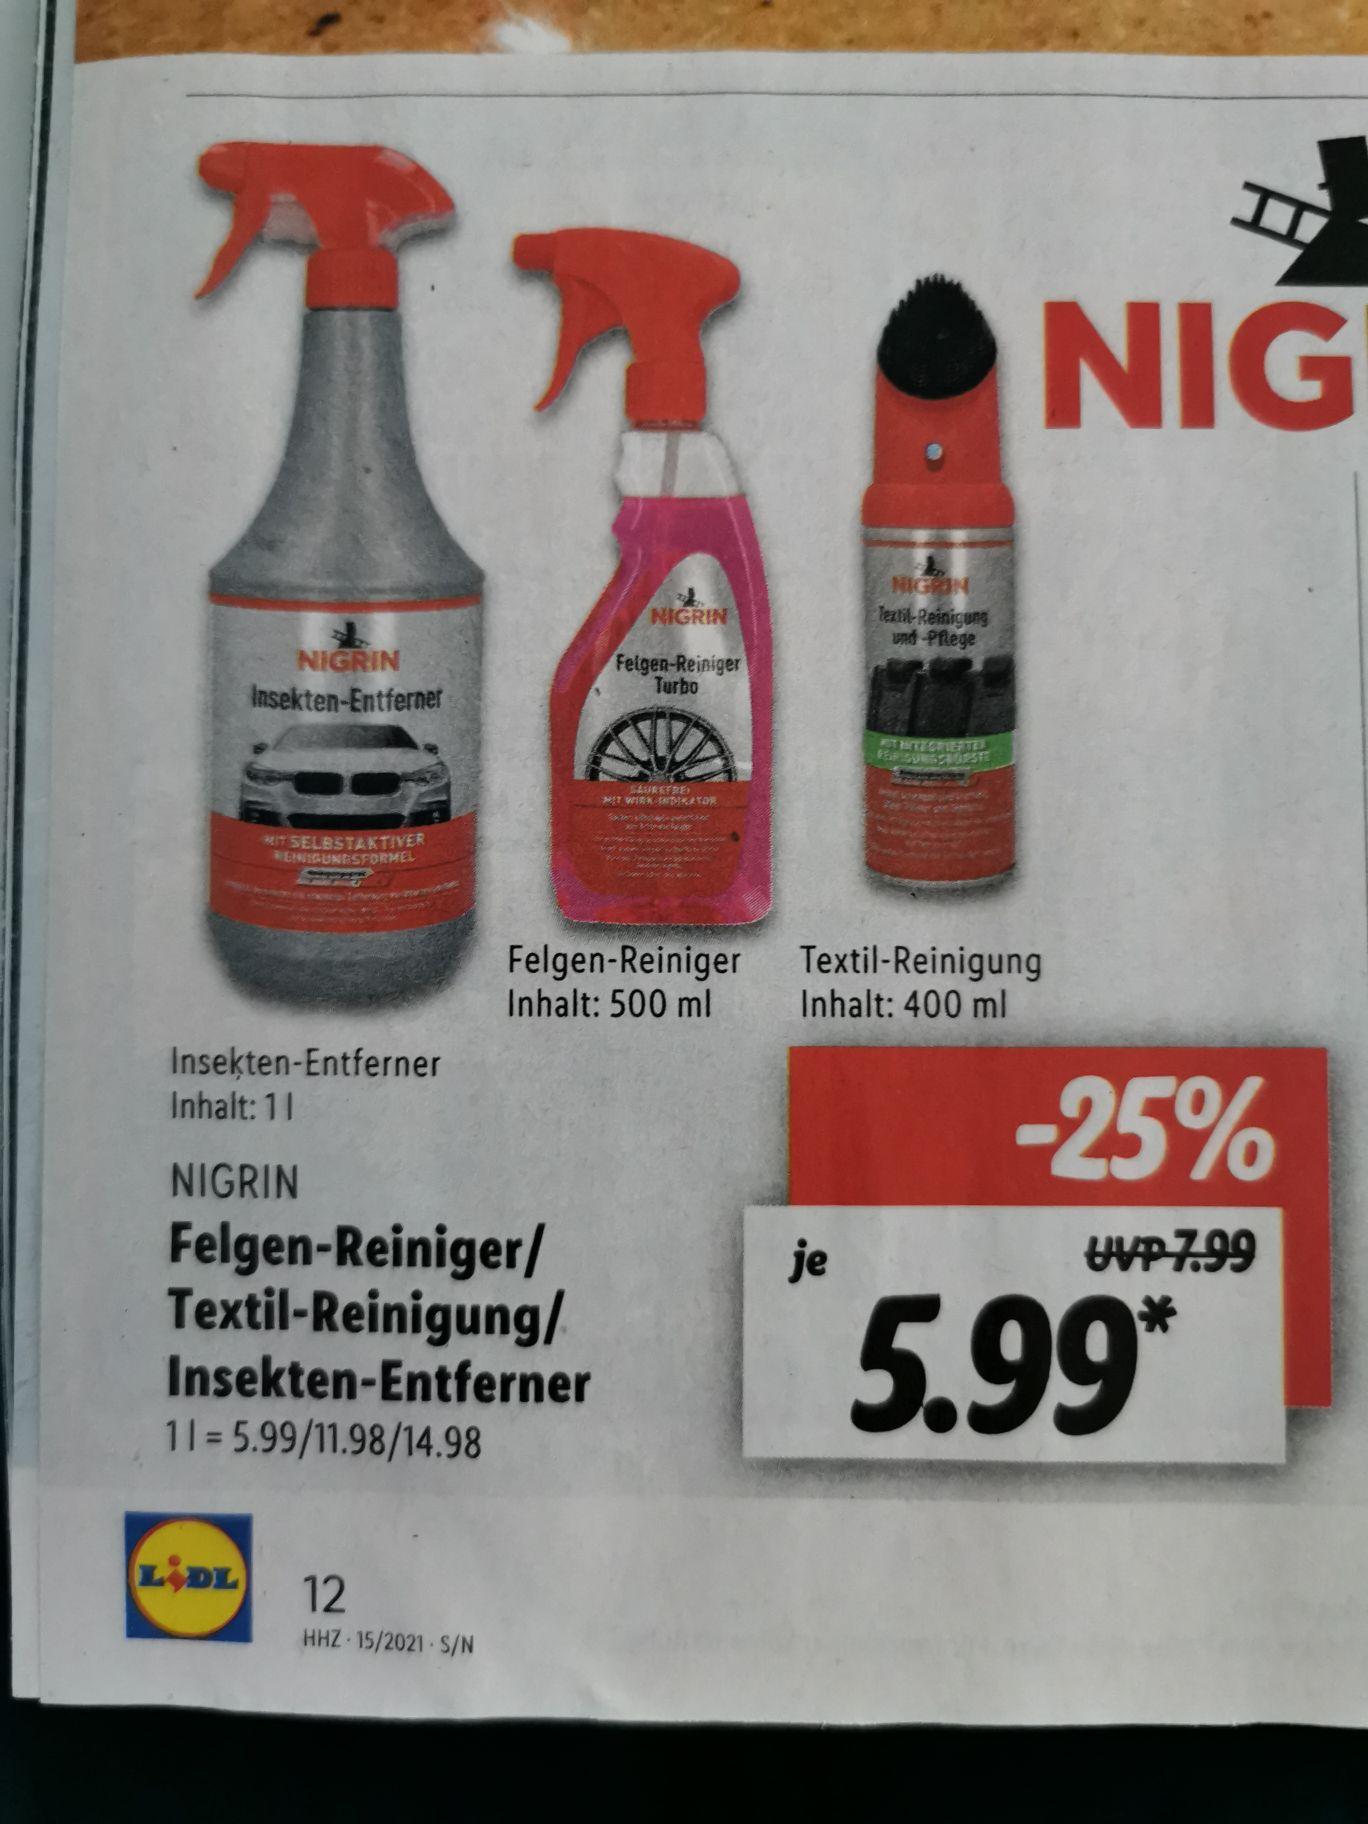 NIGRIN Felgenreiniger im Angebot bei LIDL